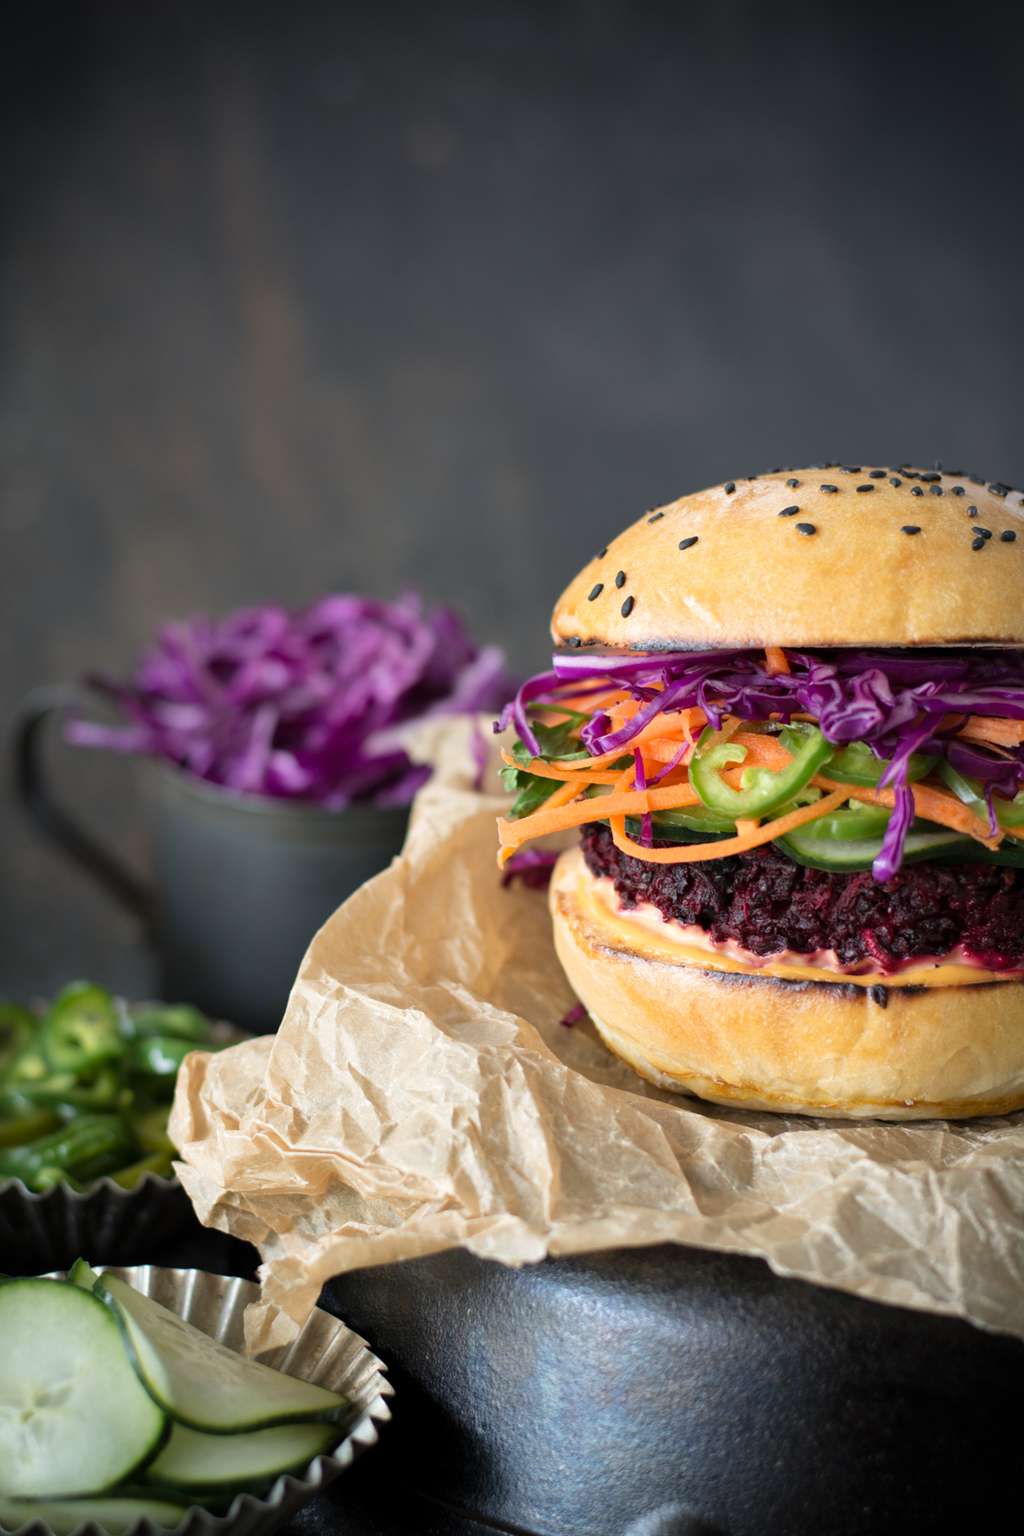 DSC 0132 - Banh Mi Beet Quinoa Burger